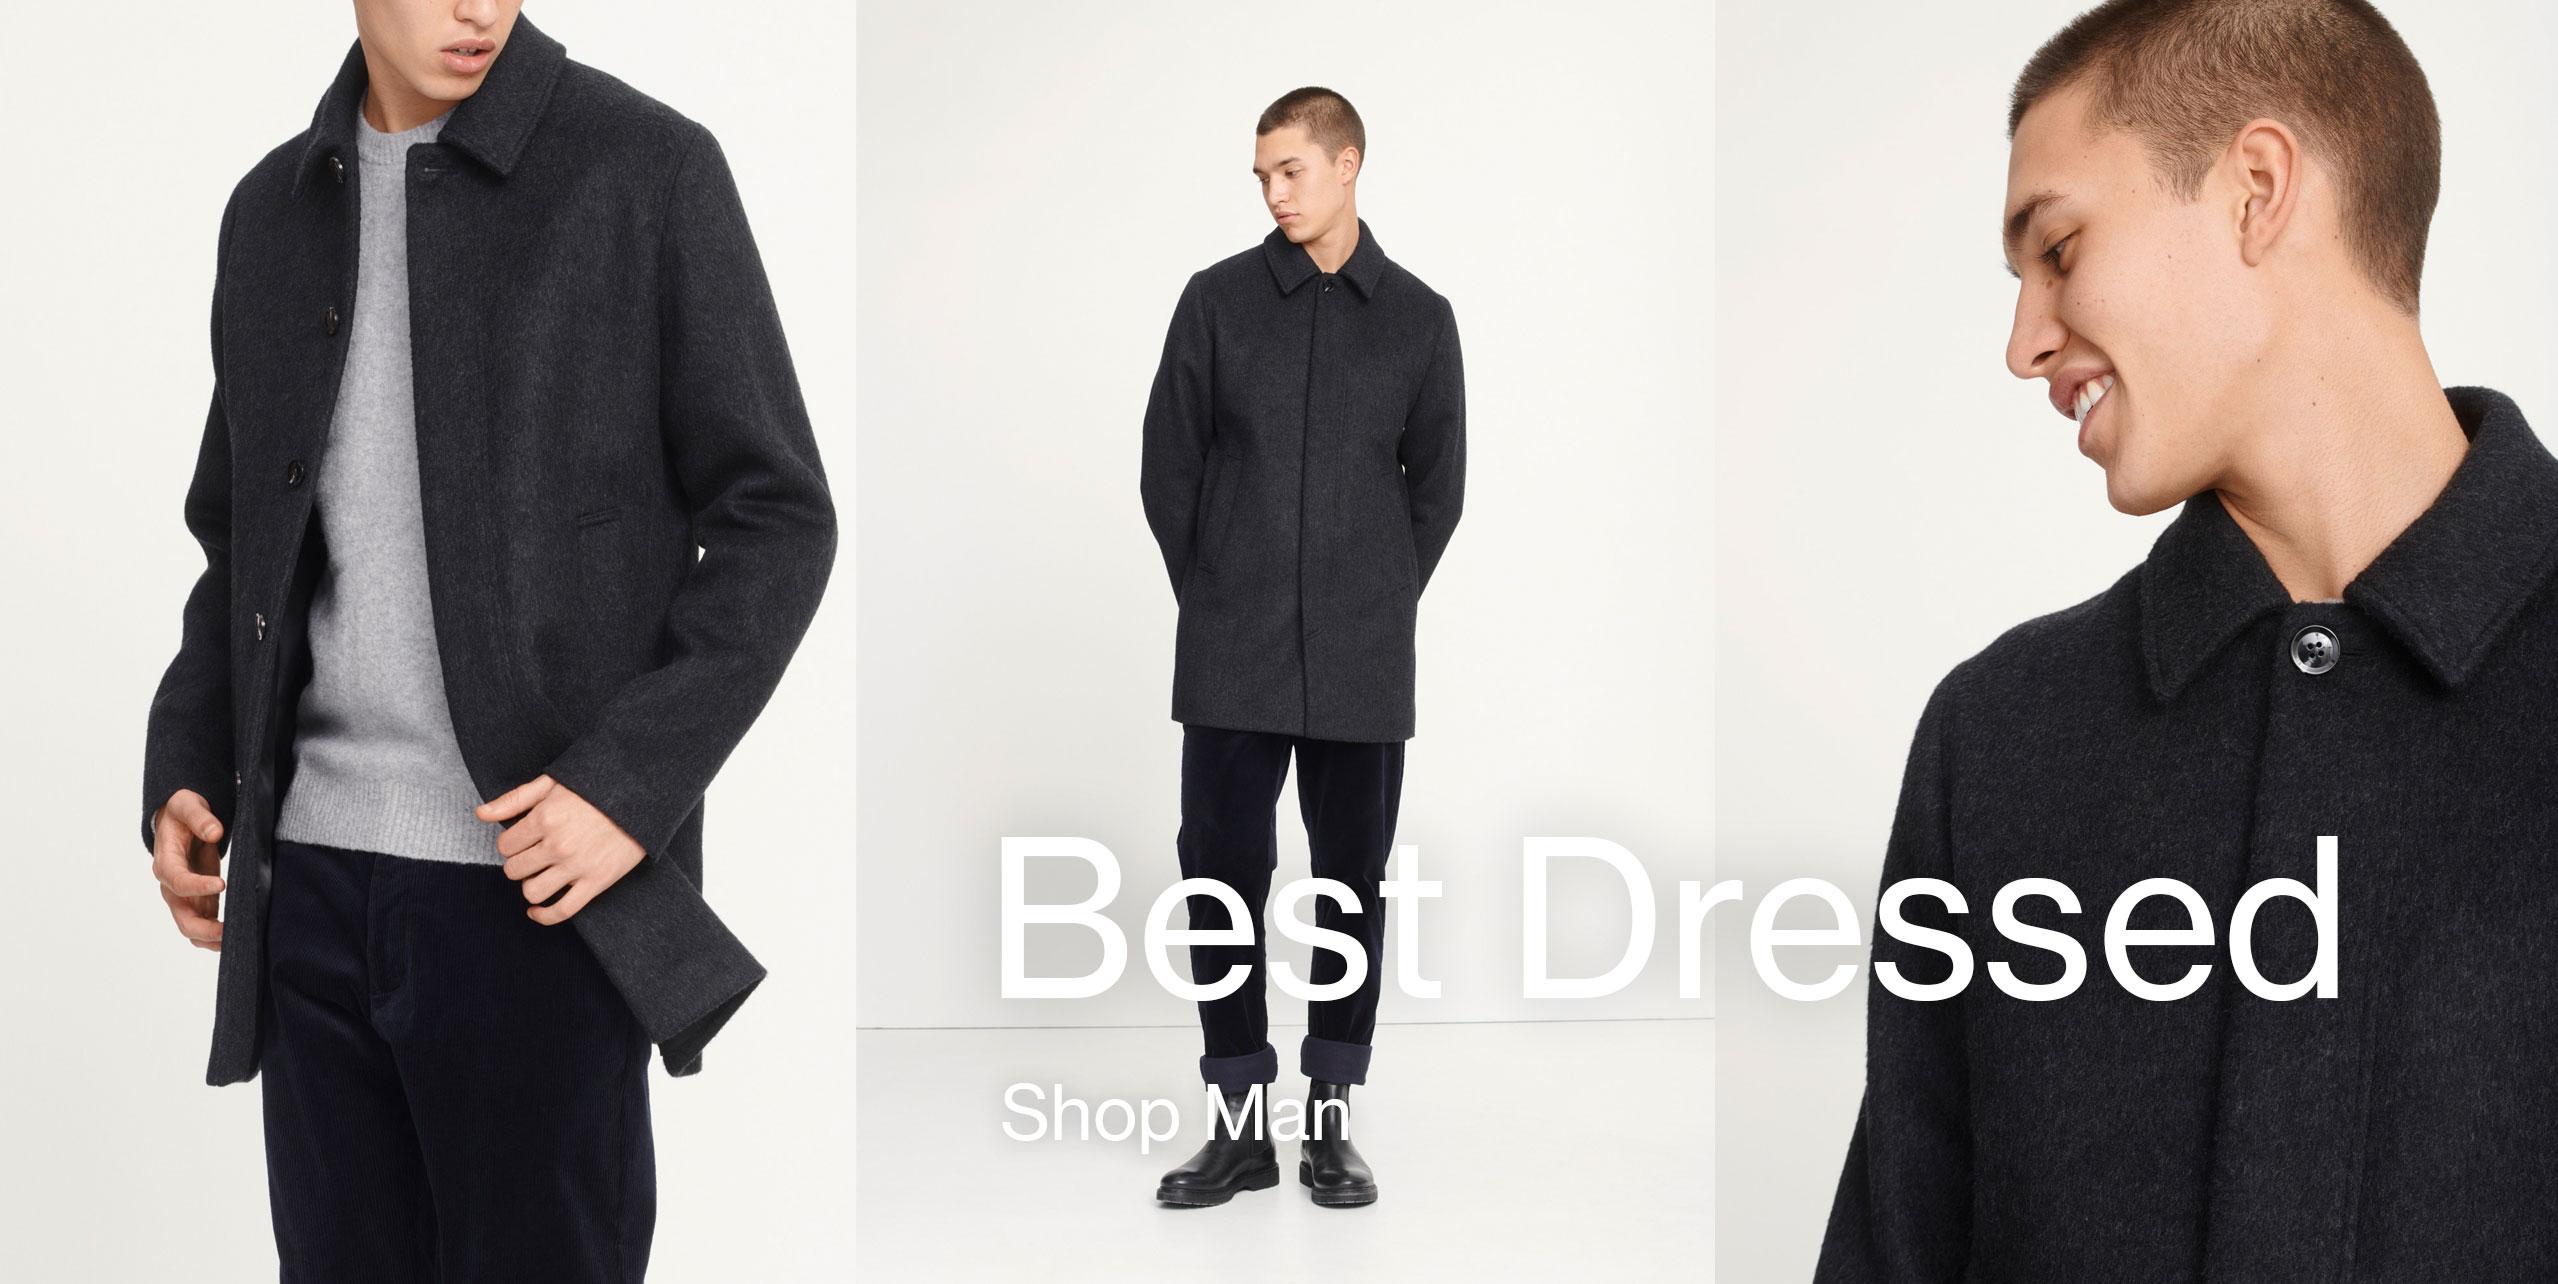 Best dressed Men's Fashion